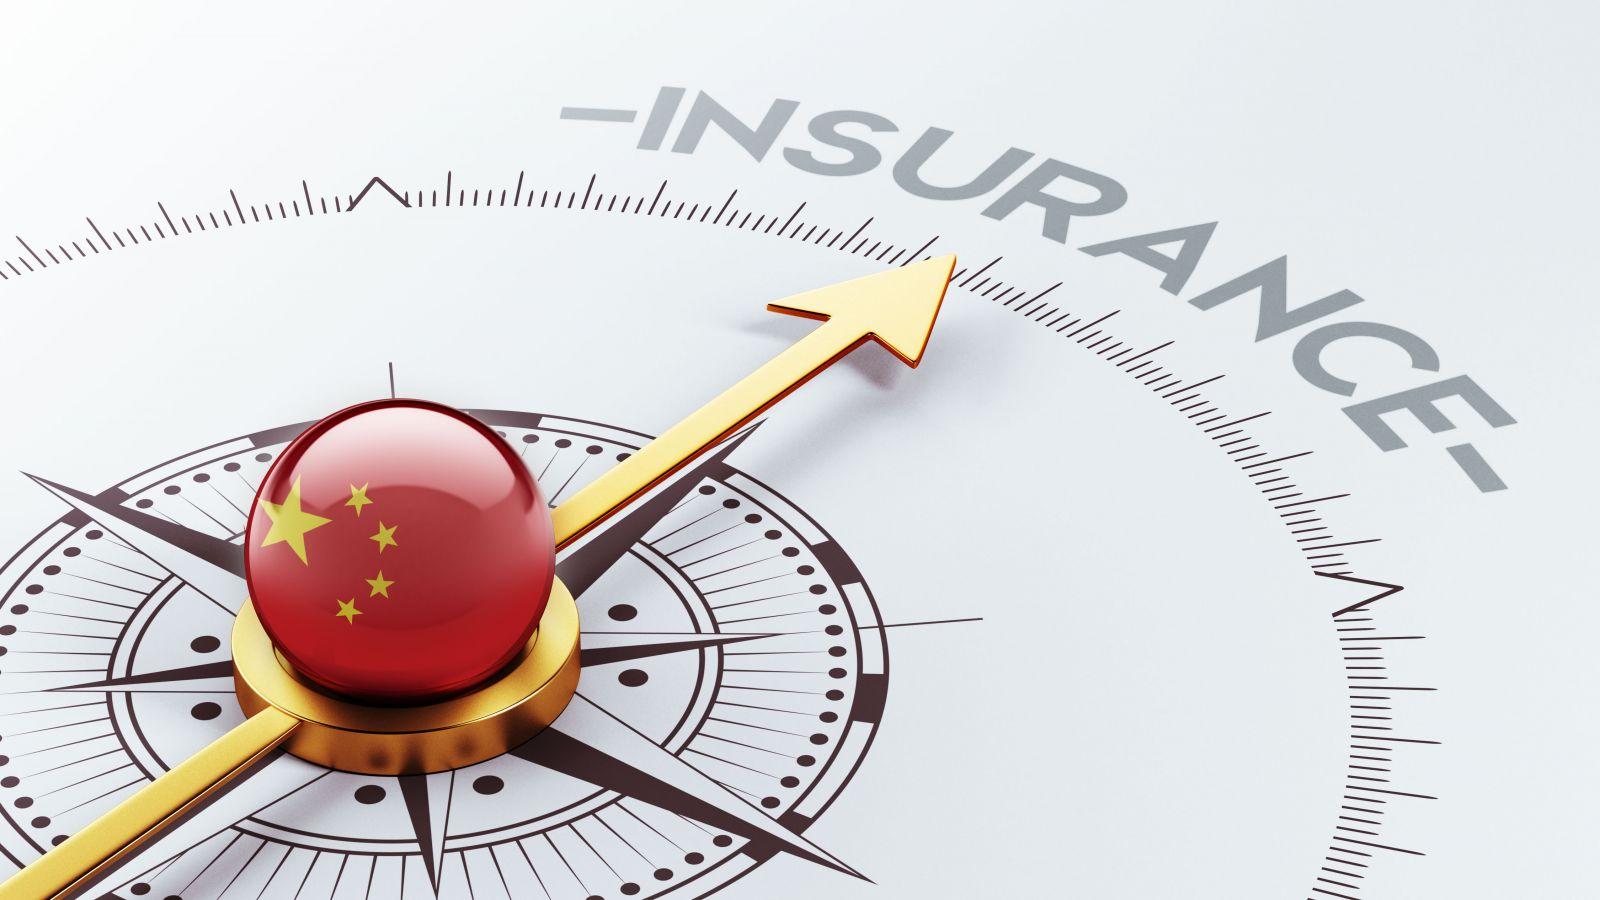 Хятадын даатгалын зах зээлийн нийт үнэлгээ 66 хувиар өсжээ